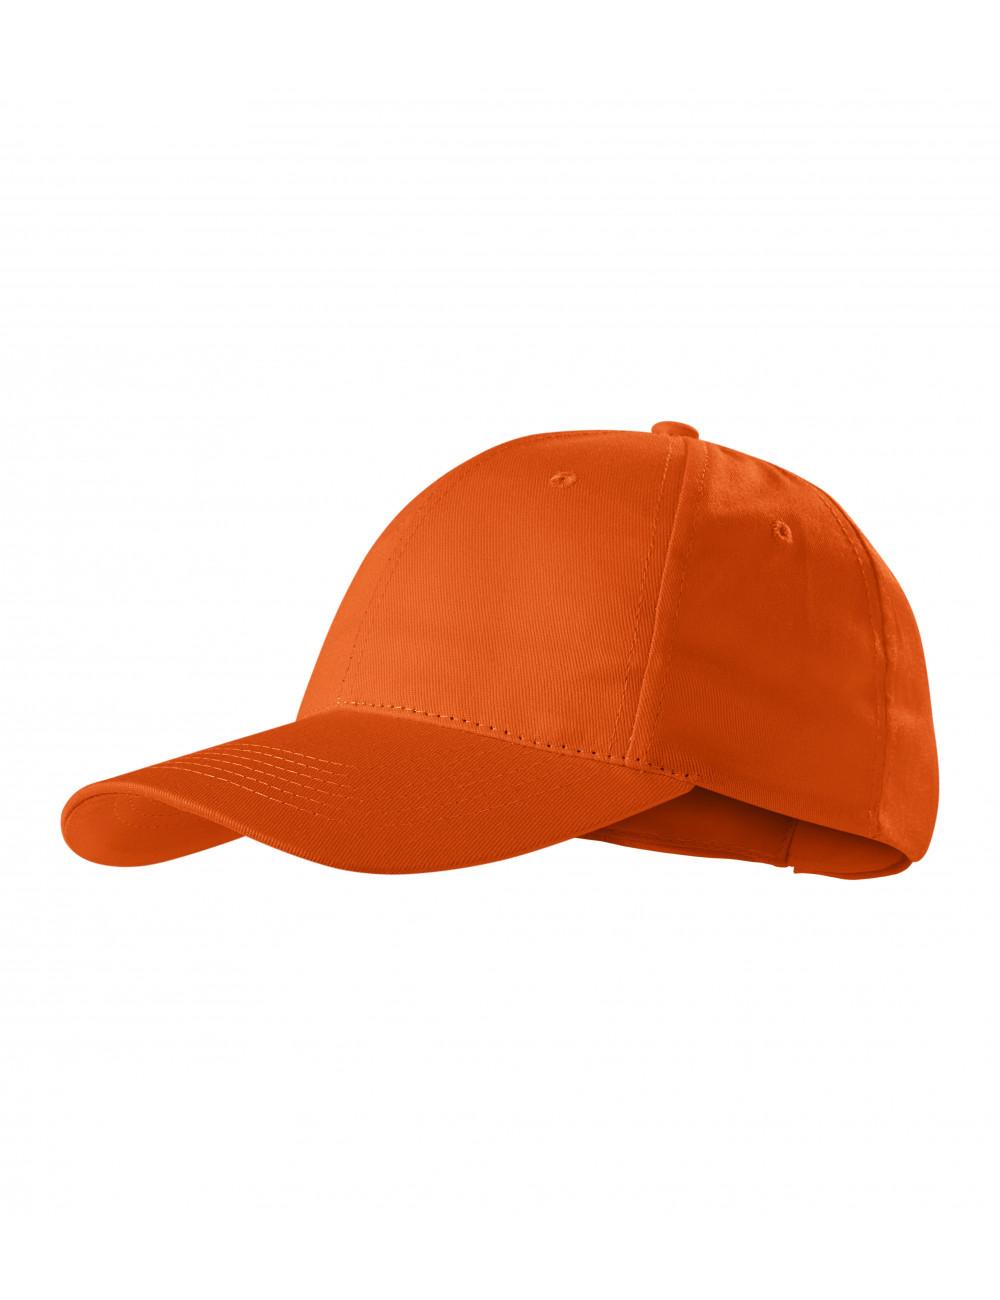 Adler PICCOLIO Czapka unisex Sunshine P31 pomarańczowy